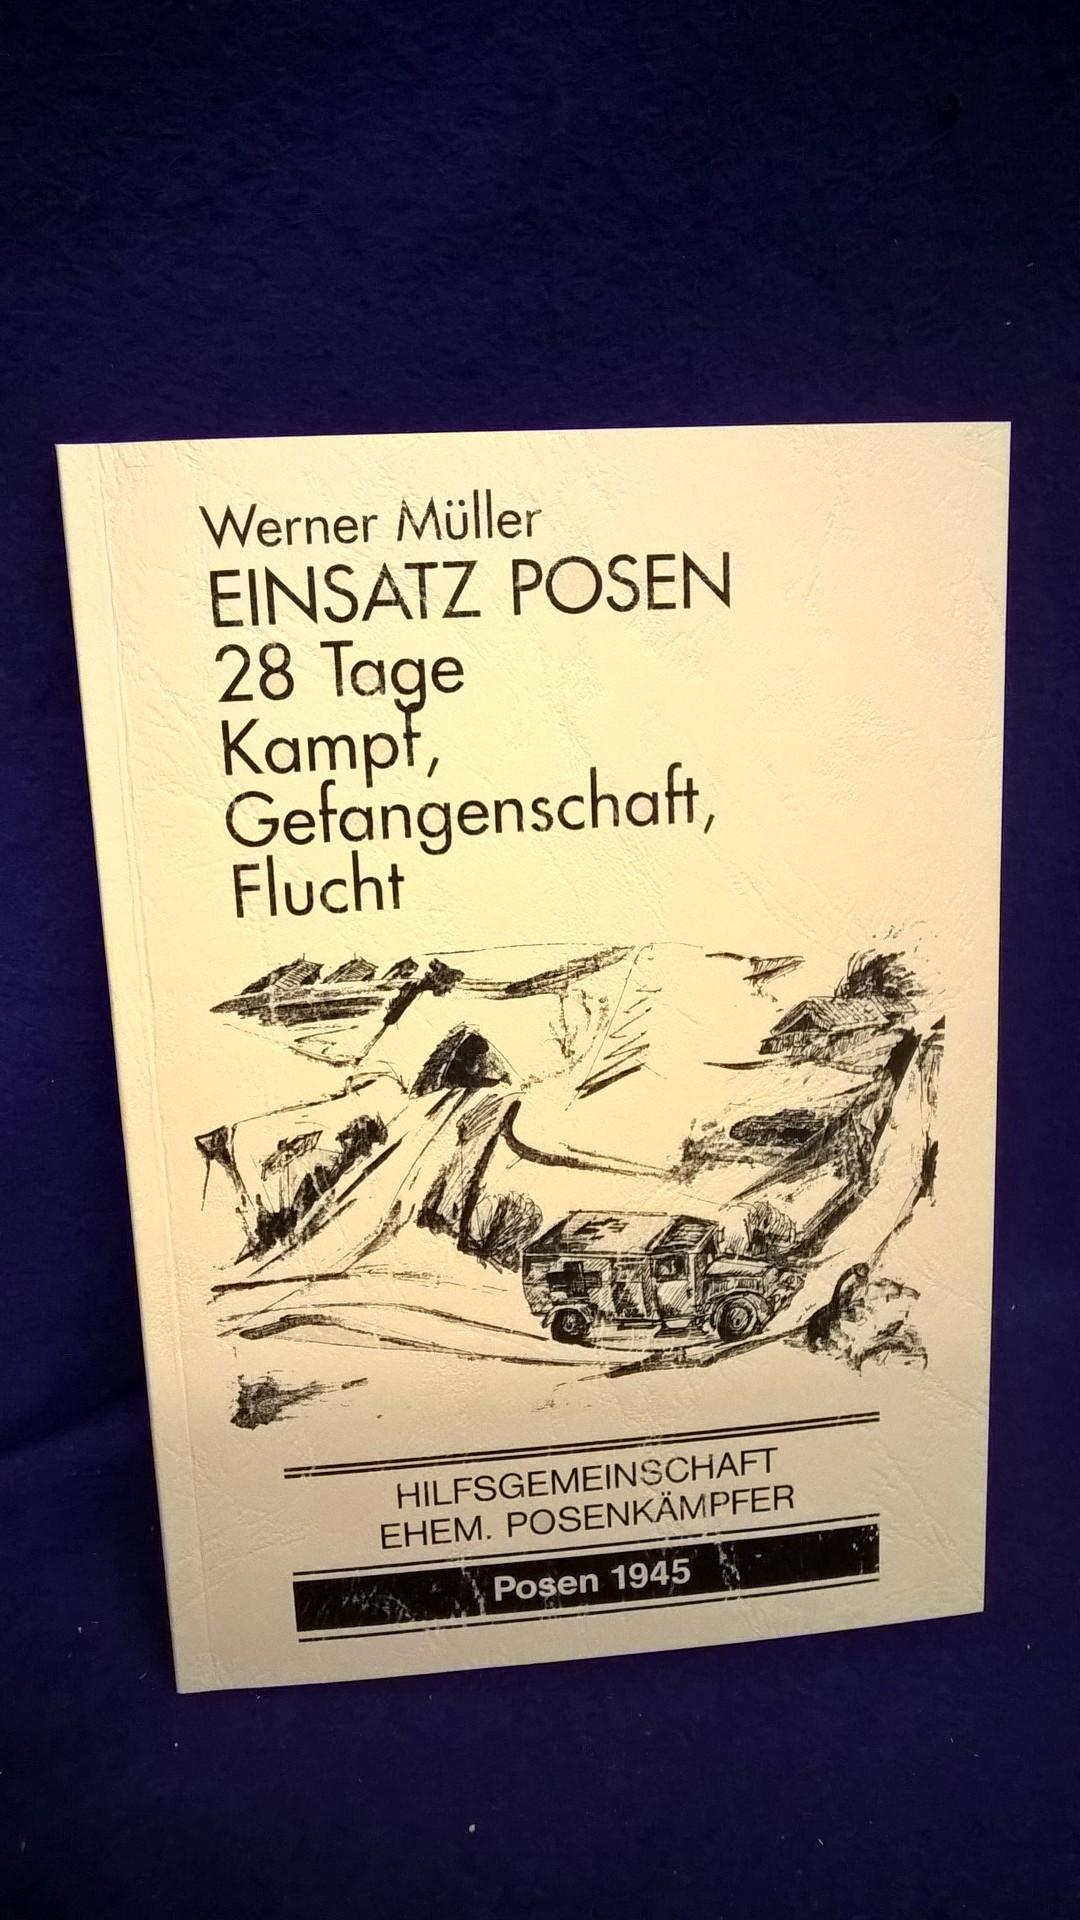 Hilfsgemeinschaft ehem. Posenkämpfer. Einsatz Posen. 28 Tage Kampf,Gefangenschaft,Flucht.